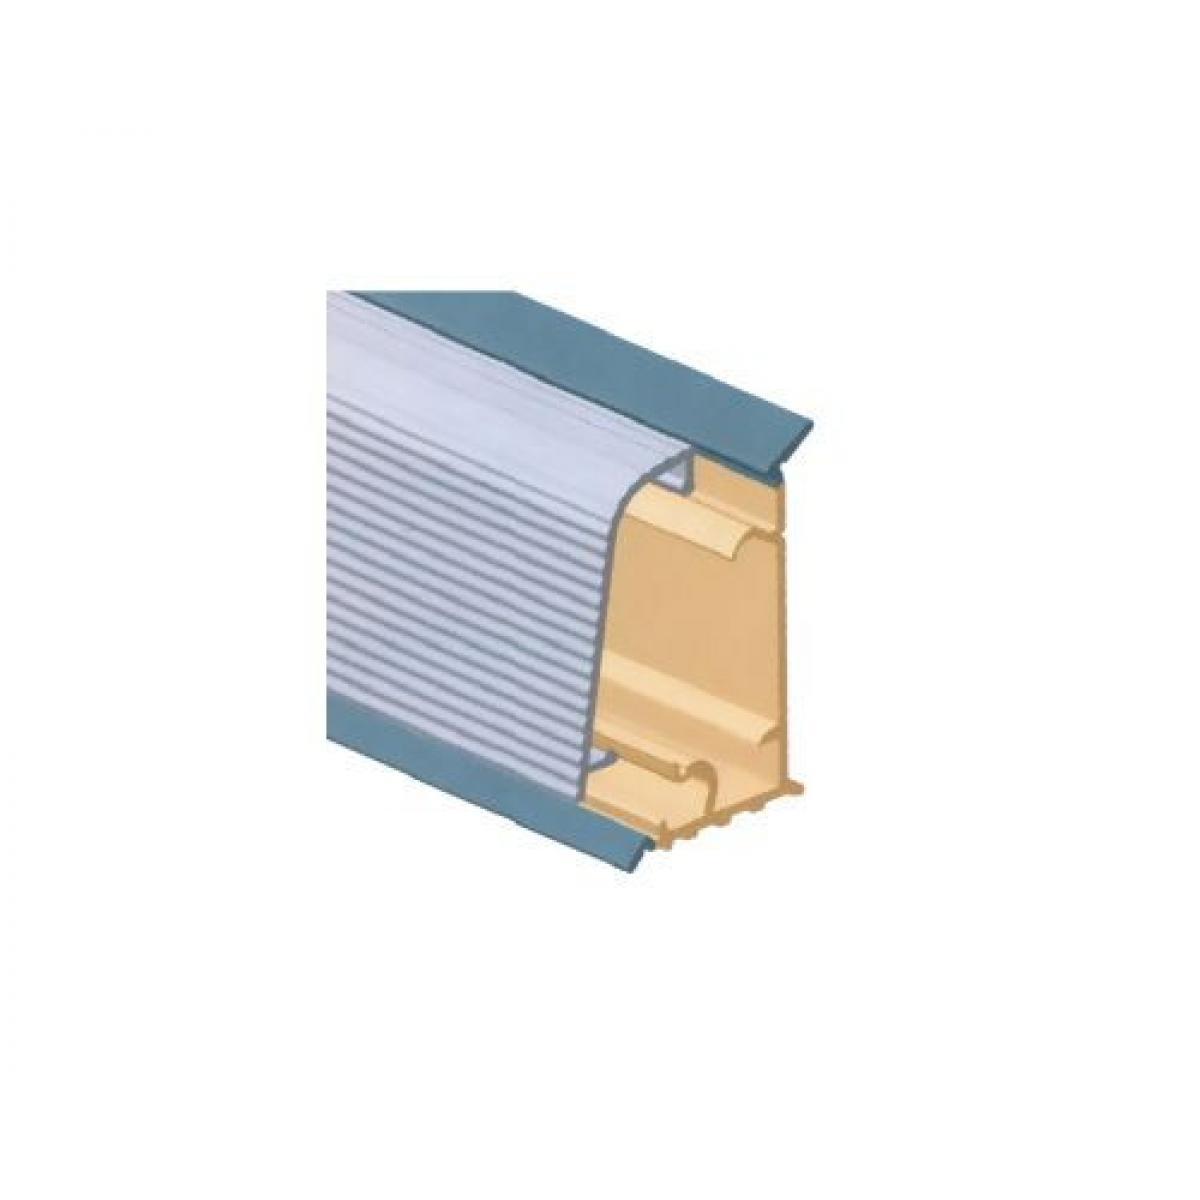 Плинтус столешницы M3030, с алюминиевой вставкой L=4000 цвет алюминий